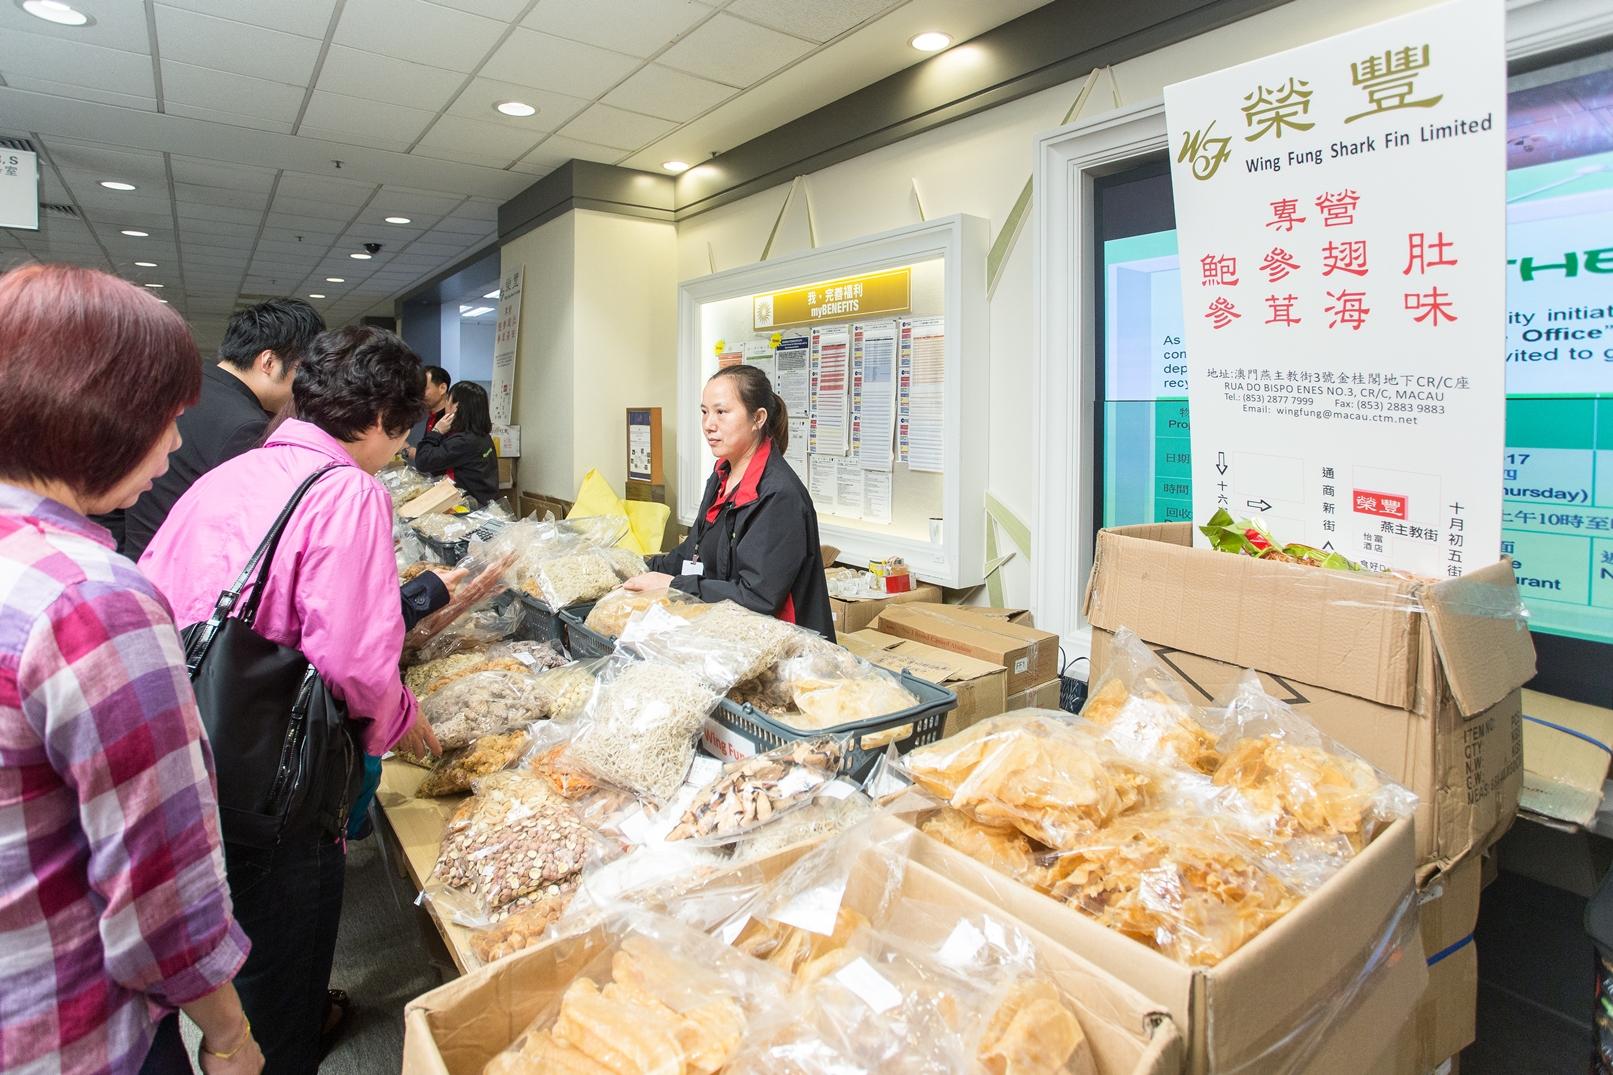 金沙中國邀請本地中小企供應商於後勤區舉辦員工優惠活動